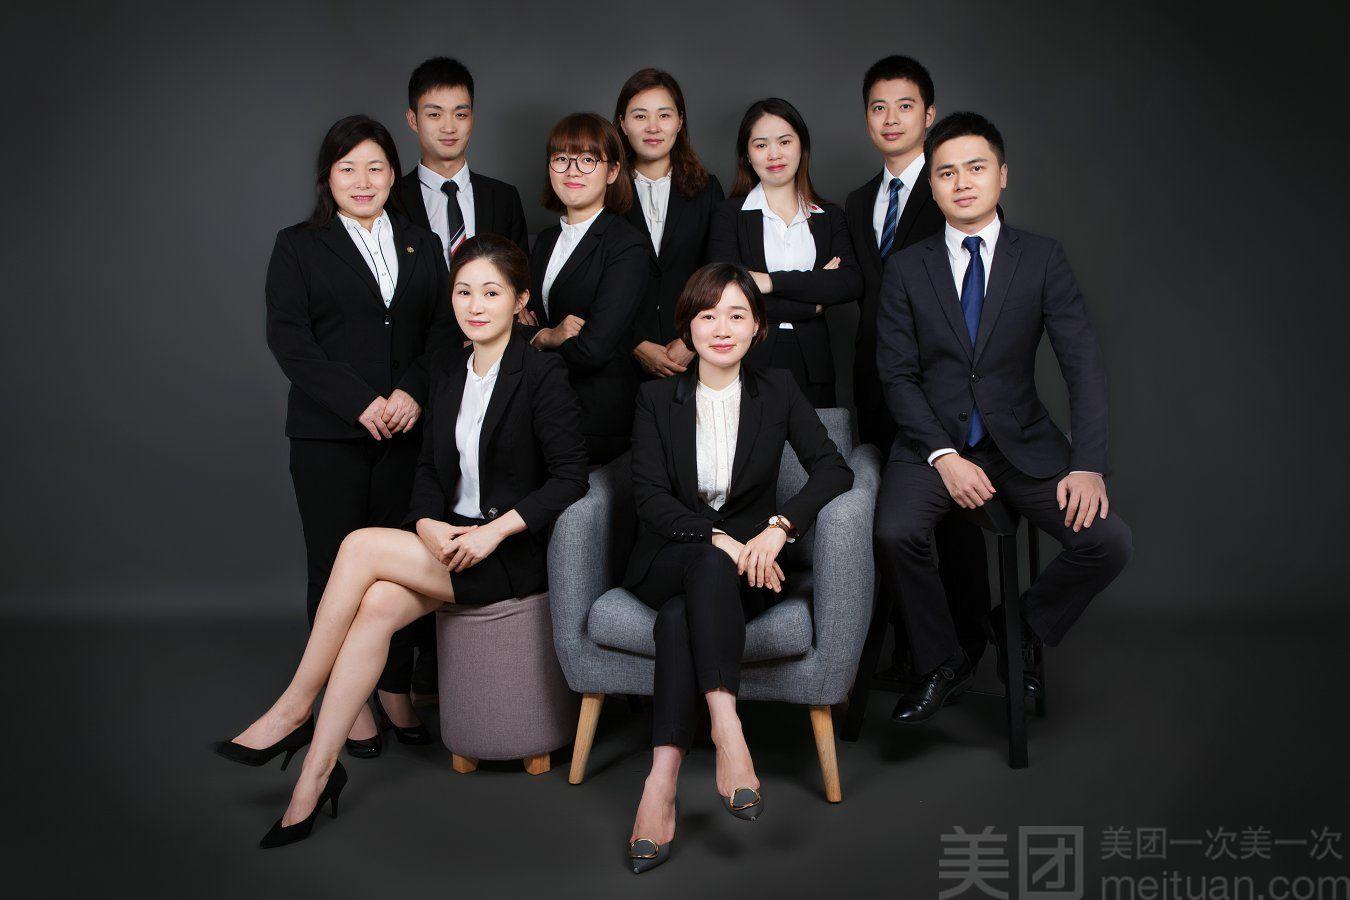 【壹人壹像工作室】团队照,宣传照,企业合影定制图片